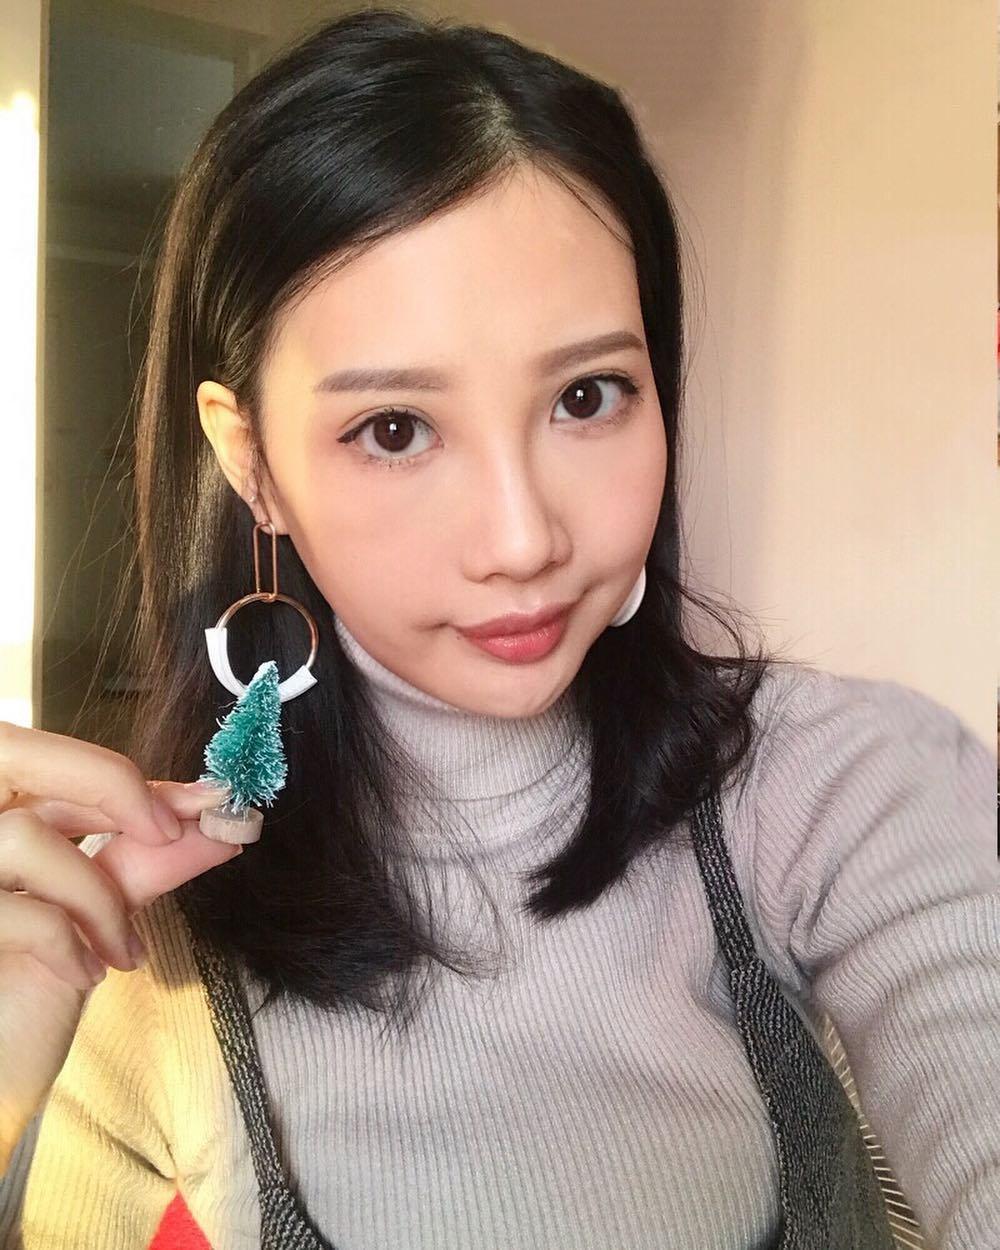 現年31歲的「抗癌歌手」李明蔚(Sarena),在22歲的時候被確診罹患癌症,經